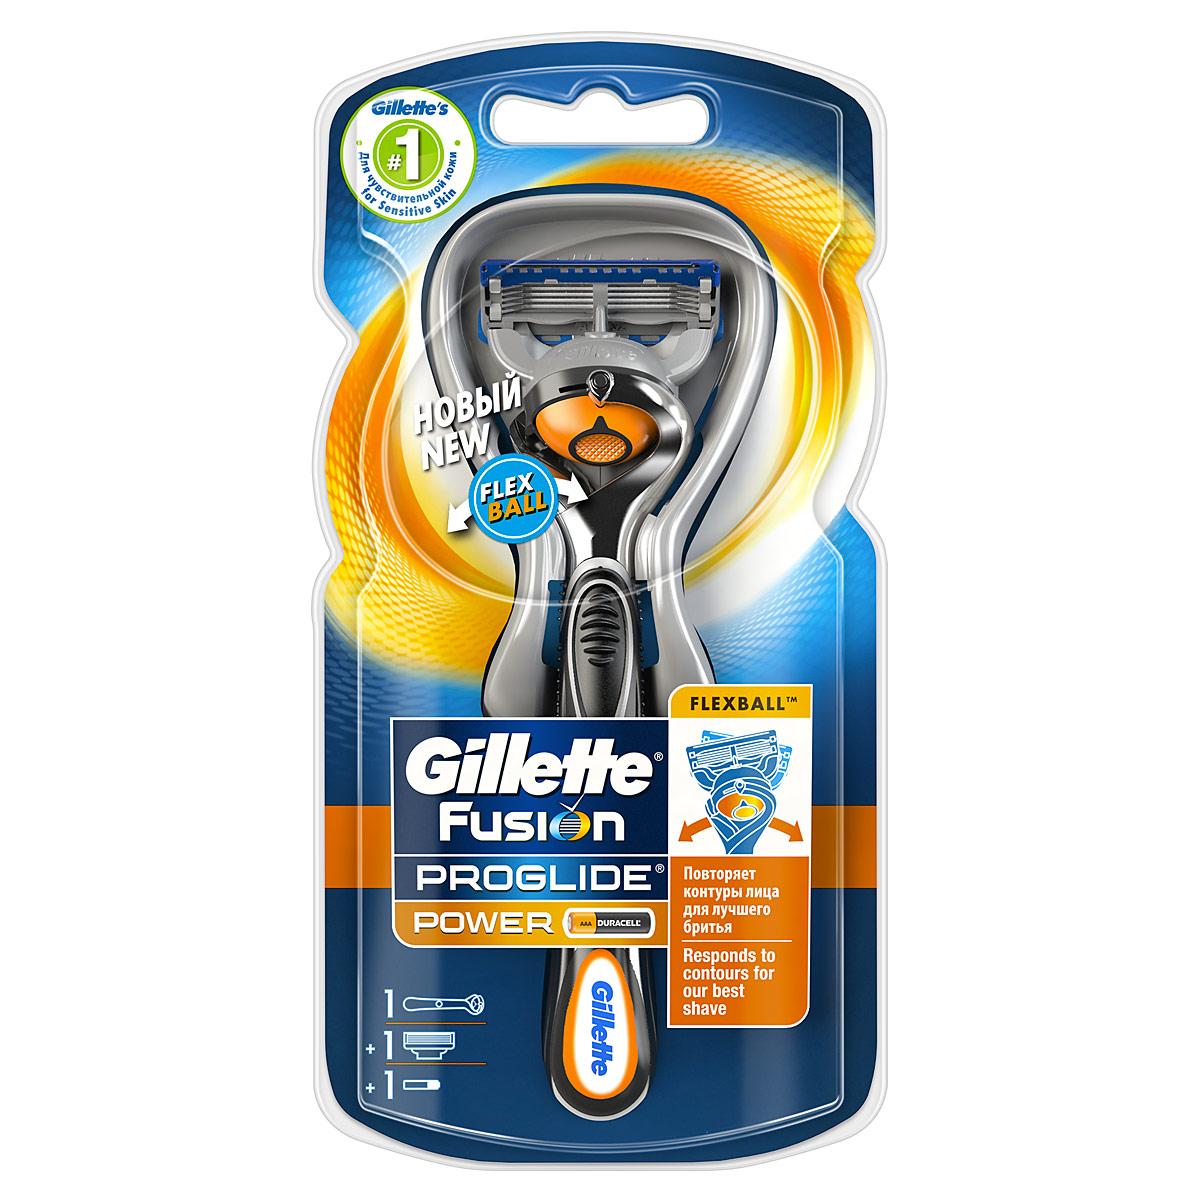 Gillette Бритва Fusion ProGlide Power с технологией FlexBall (без дополнительных сменных кассет)Me Chic 120KТехнология FlexBall — ИННОВАЦИЯ от Gillette, позволяющая бритве двигаться в дополнительной плоскости. Следует контурам твоего лица для лучшего бритья от Gillette. Сбривает буквально каждый волосок.Продукты Fusion ProGlide — лучшее бритье от Gillette! Используйте вместе со средствами для бритья Gillette Fusion ProGlide с формулой «2-в-1» (гель для бритья + уход за кожей) для достижения наилучшего результата.Характеристики продукта: - Самые тонкие лезвия Gillette для революционного скольжения и гладкости бритья (первые четыре лезвия по сравнению с Fusion). - Кассета с пятью лезвиями обеспечивает меньшее давление на кожу, уменьшая раздражение (по сравнению с Mach3). - Увеличенная смазывающая полоска с добавлением минеральных масел (по сравнению с Fusion). - Каналы для удаления излишков геля. - Улучшенное лезвие-триммер на обратной стороне кассеты (по сравнению с Fusion). - Стабилизатор лезвий. - Микроимпульсы Power снижают сопротивление во время бритья. - Микрорасческа направляет волоски точно к лезвиям.Gillette. Лучше для мужчины нет!Хранить в местах, недоступных для детей. Срок хранения – 5 лет. «Проктер энд Гэмбл», Китай. Состав смазывающей полоски:PEG-115M, PEG-7M, PEG-100, Silica, Paraffinum Liquidum, Tocopheryl Acetate, Pentaerythrityl tetra-di-t-butyl Hydroxyhydrocinnamate, Tris(di-t-butyl)phosphite, Aloe Barbadensis Leaf Juice, BHT, Glycol.